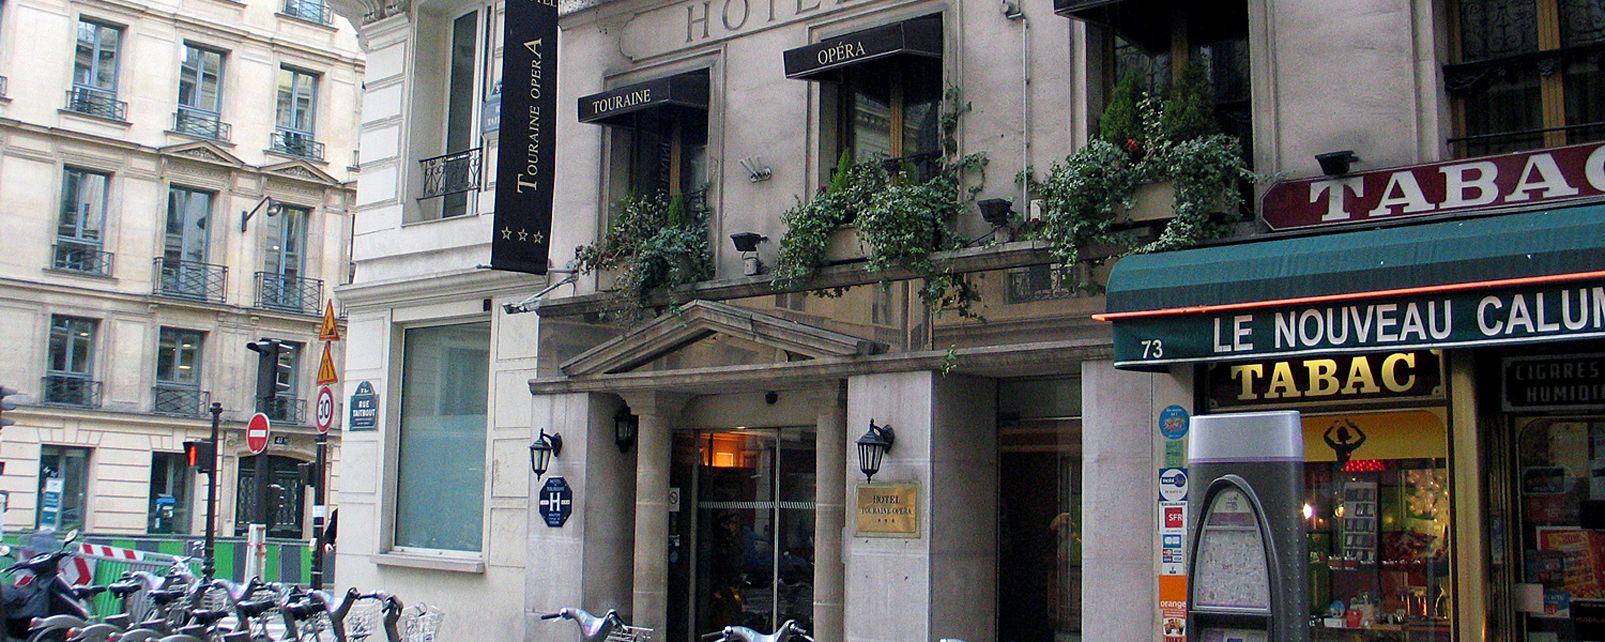 Hotel Touraine Opera Hotel Paris